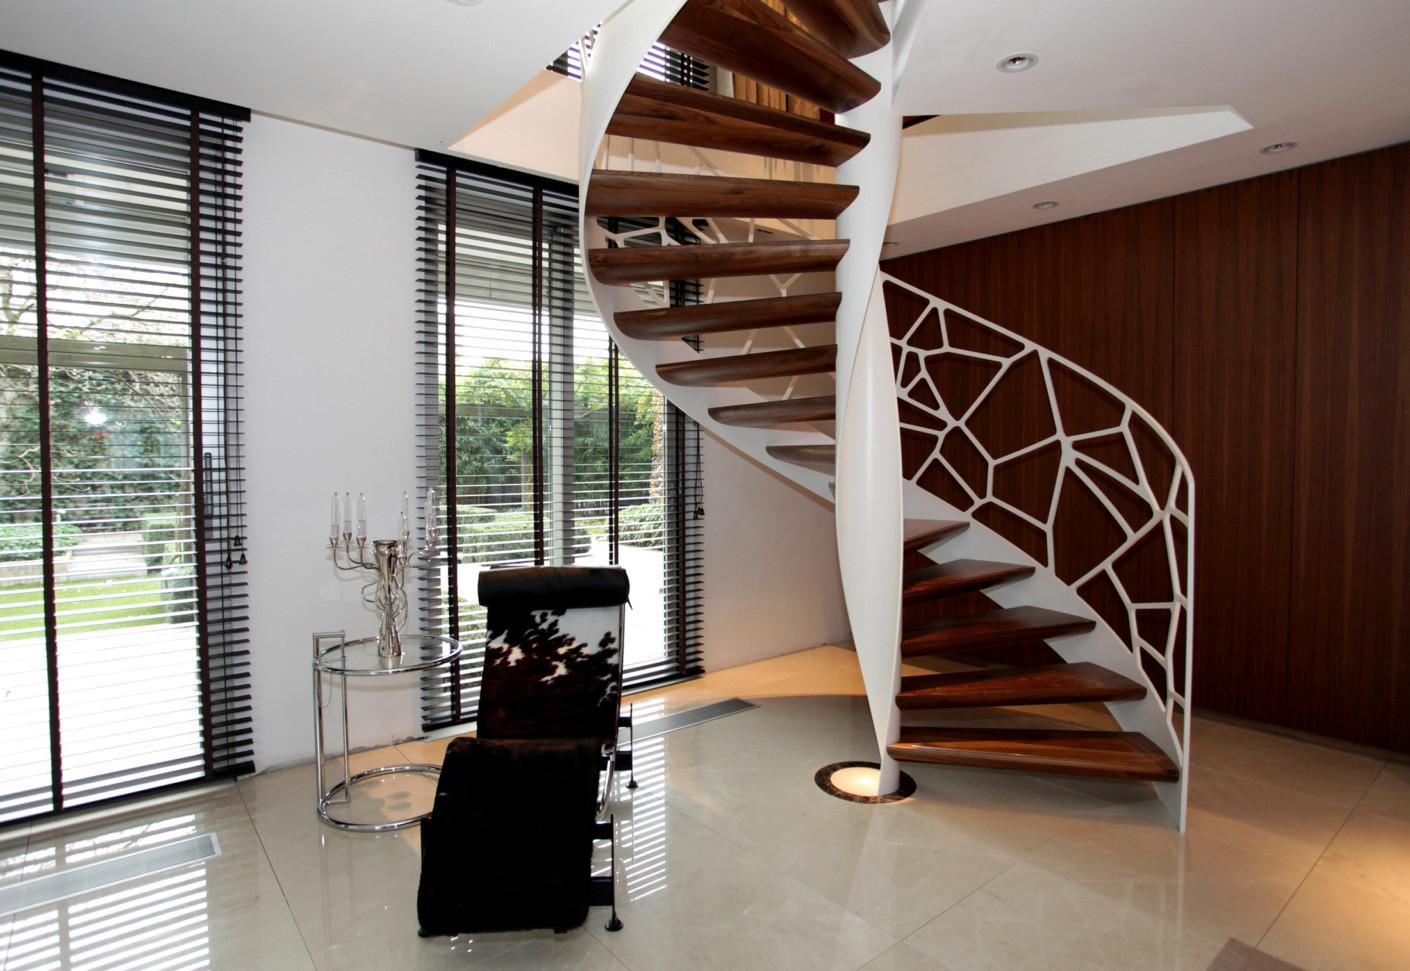 Дизайн лестниц на ферме Eco friendly от EeStairs